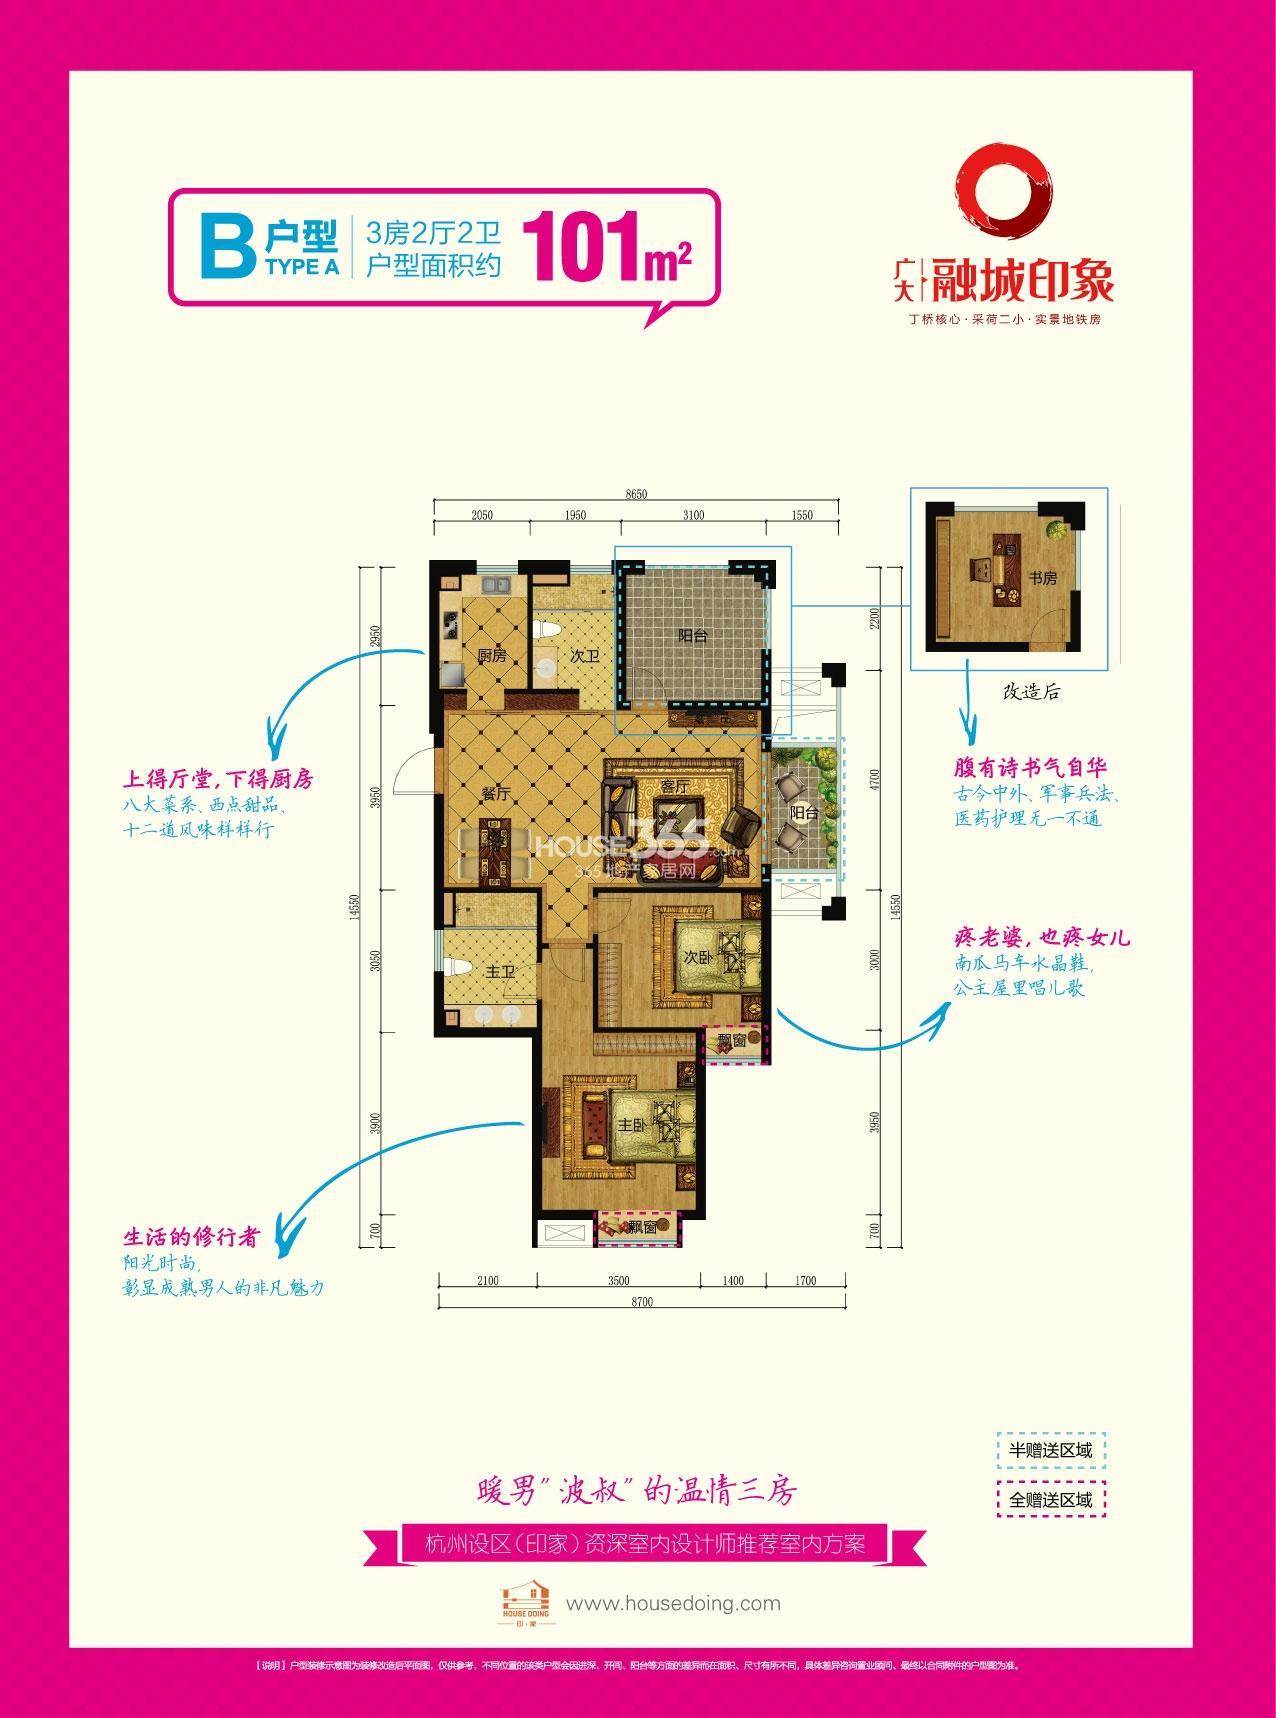 广大融城印象B户型图101方(1、2号楼)